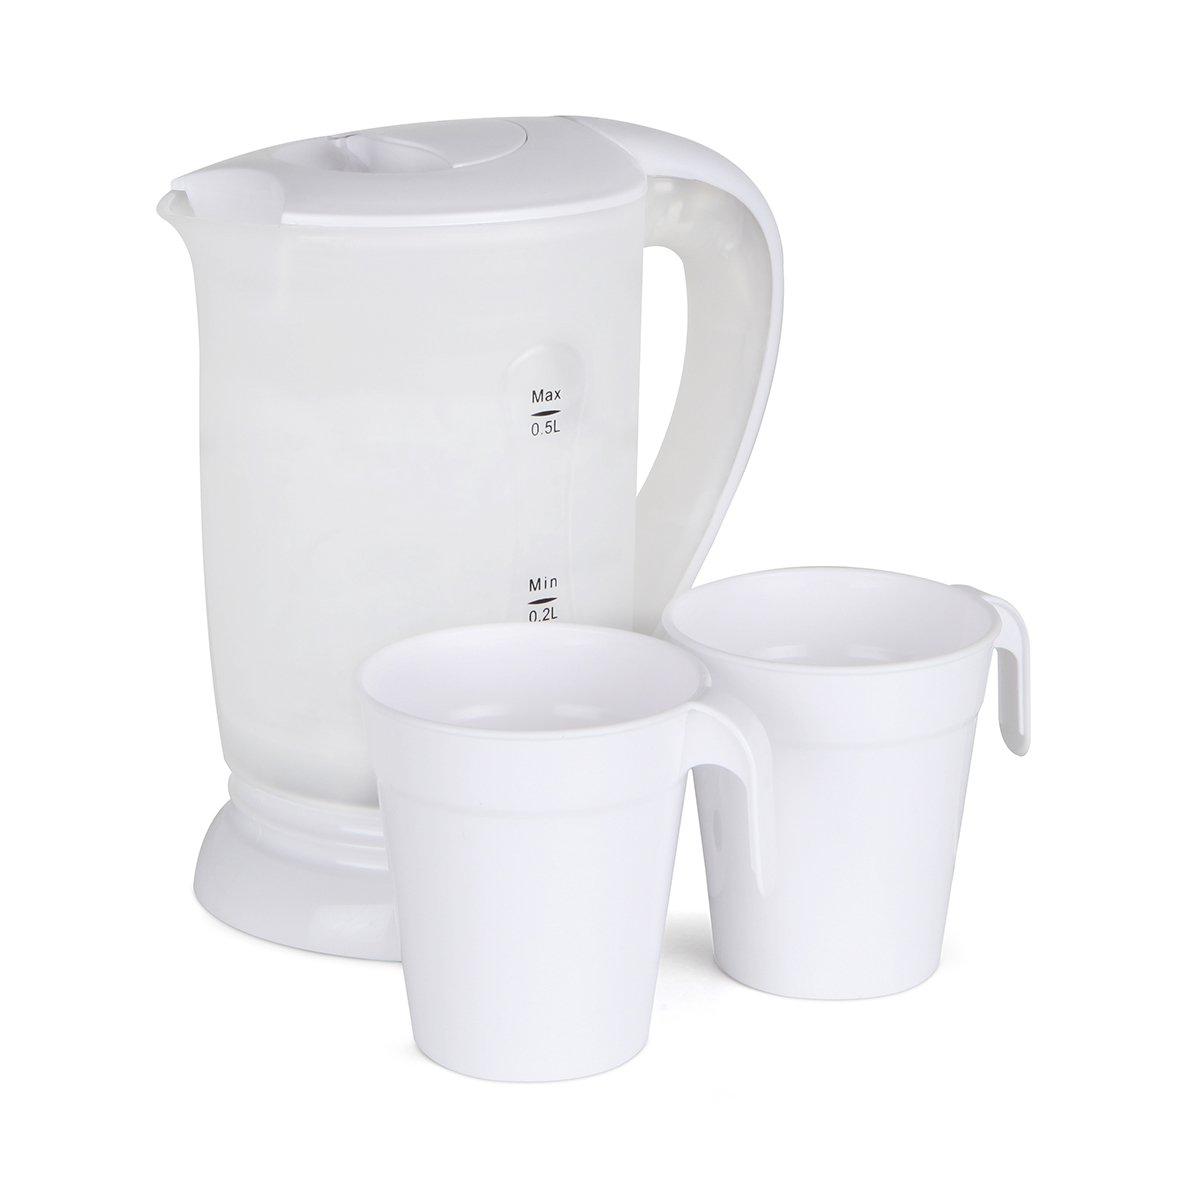 Orbegozo KT 4500 4500-Hervidor de Agua, 0,5 l, 700 W, 0.5 litros, Plástico, Color Blanco: Amazon.es: Hogar